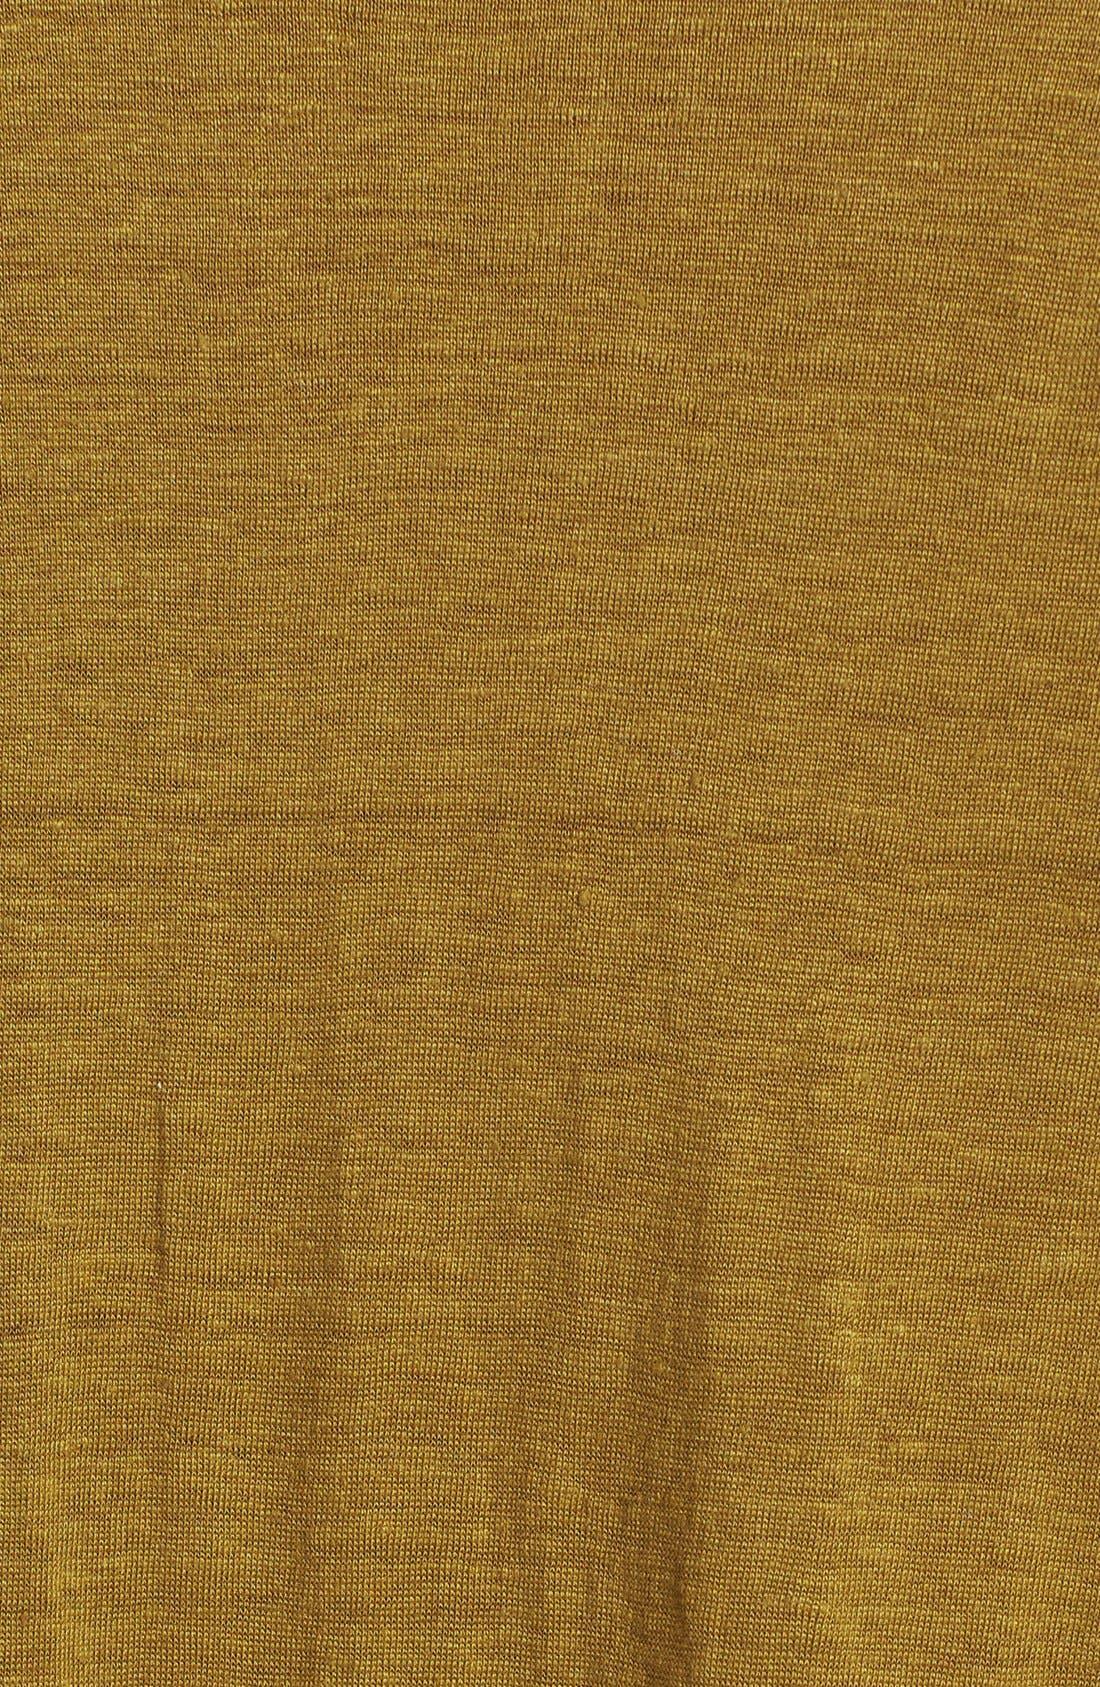 Alternate Image 3  - Eileen Fisher Sloped Hem Organic Linen Top